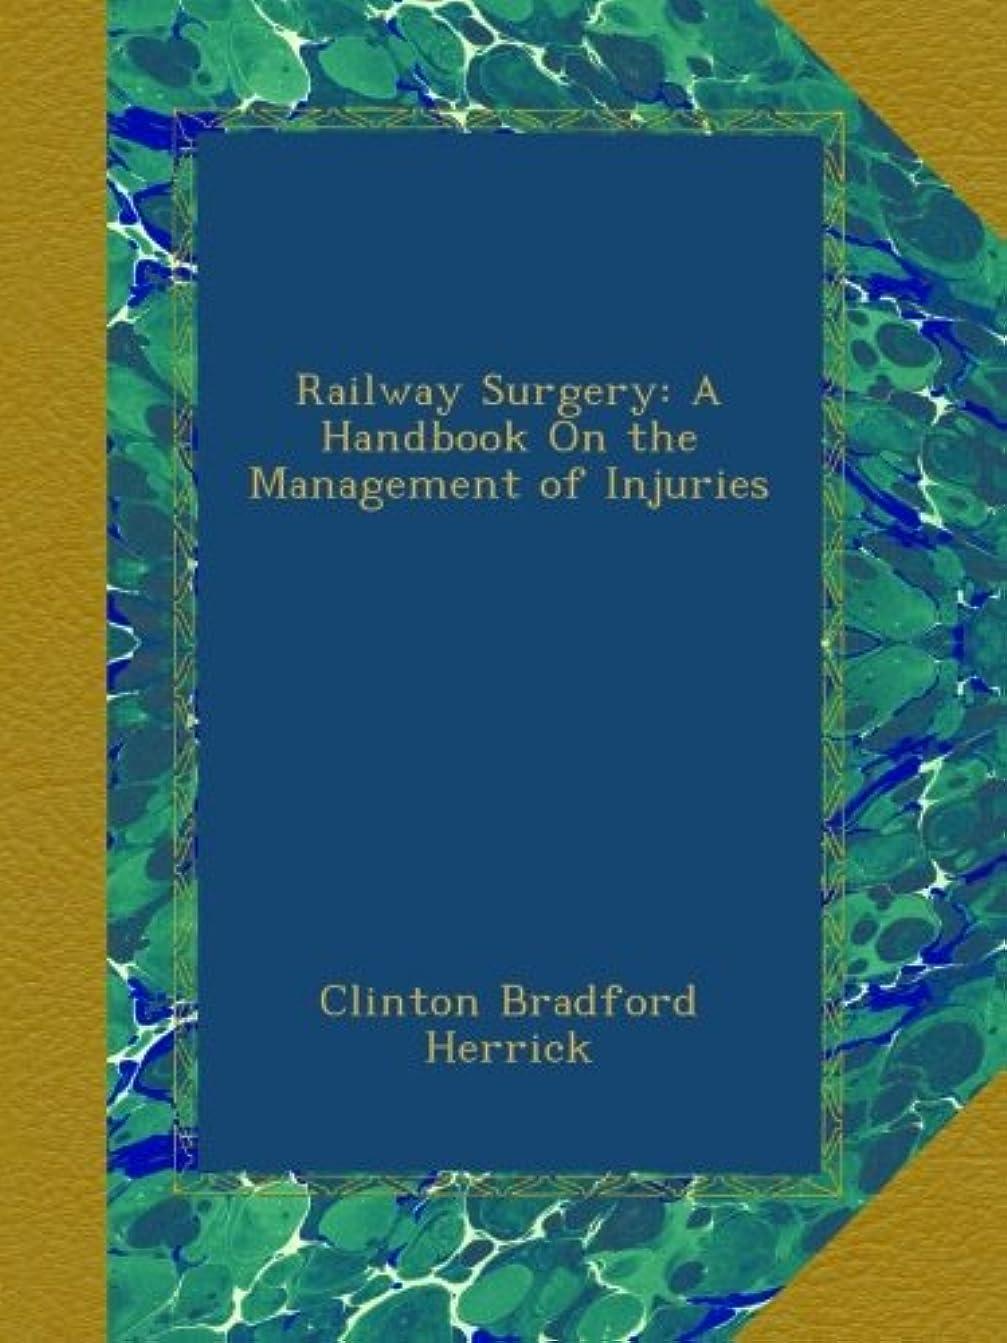 高度匿名細菌Railway Surgery: A Handbook On the Management of Injuries